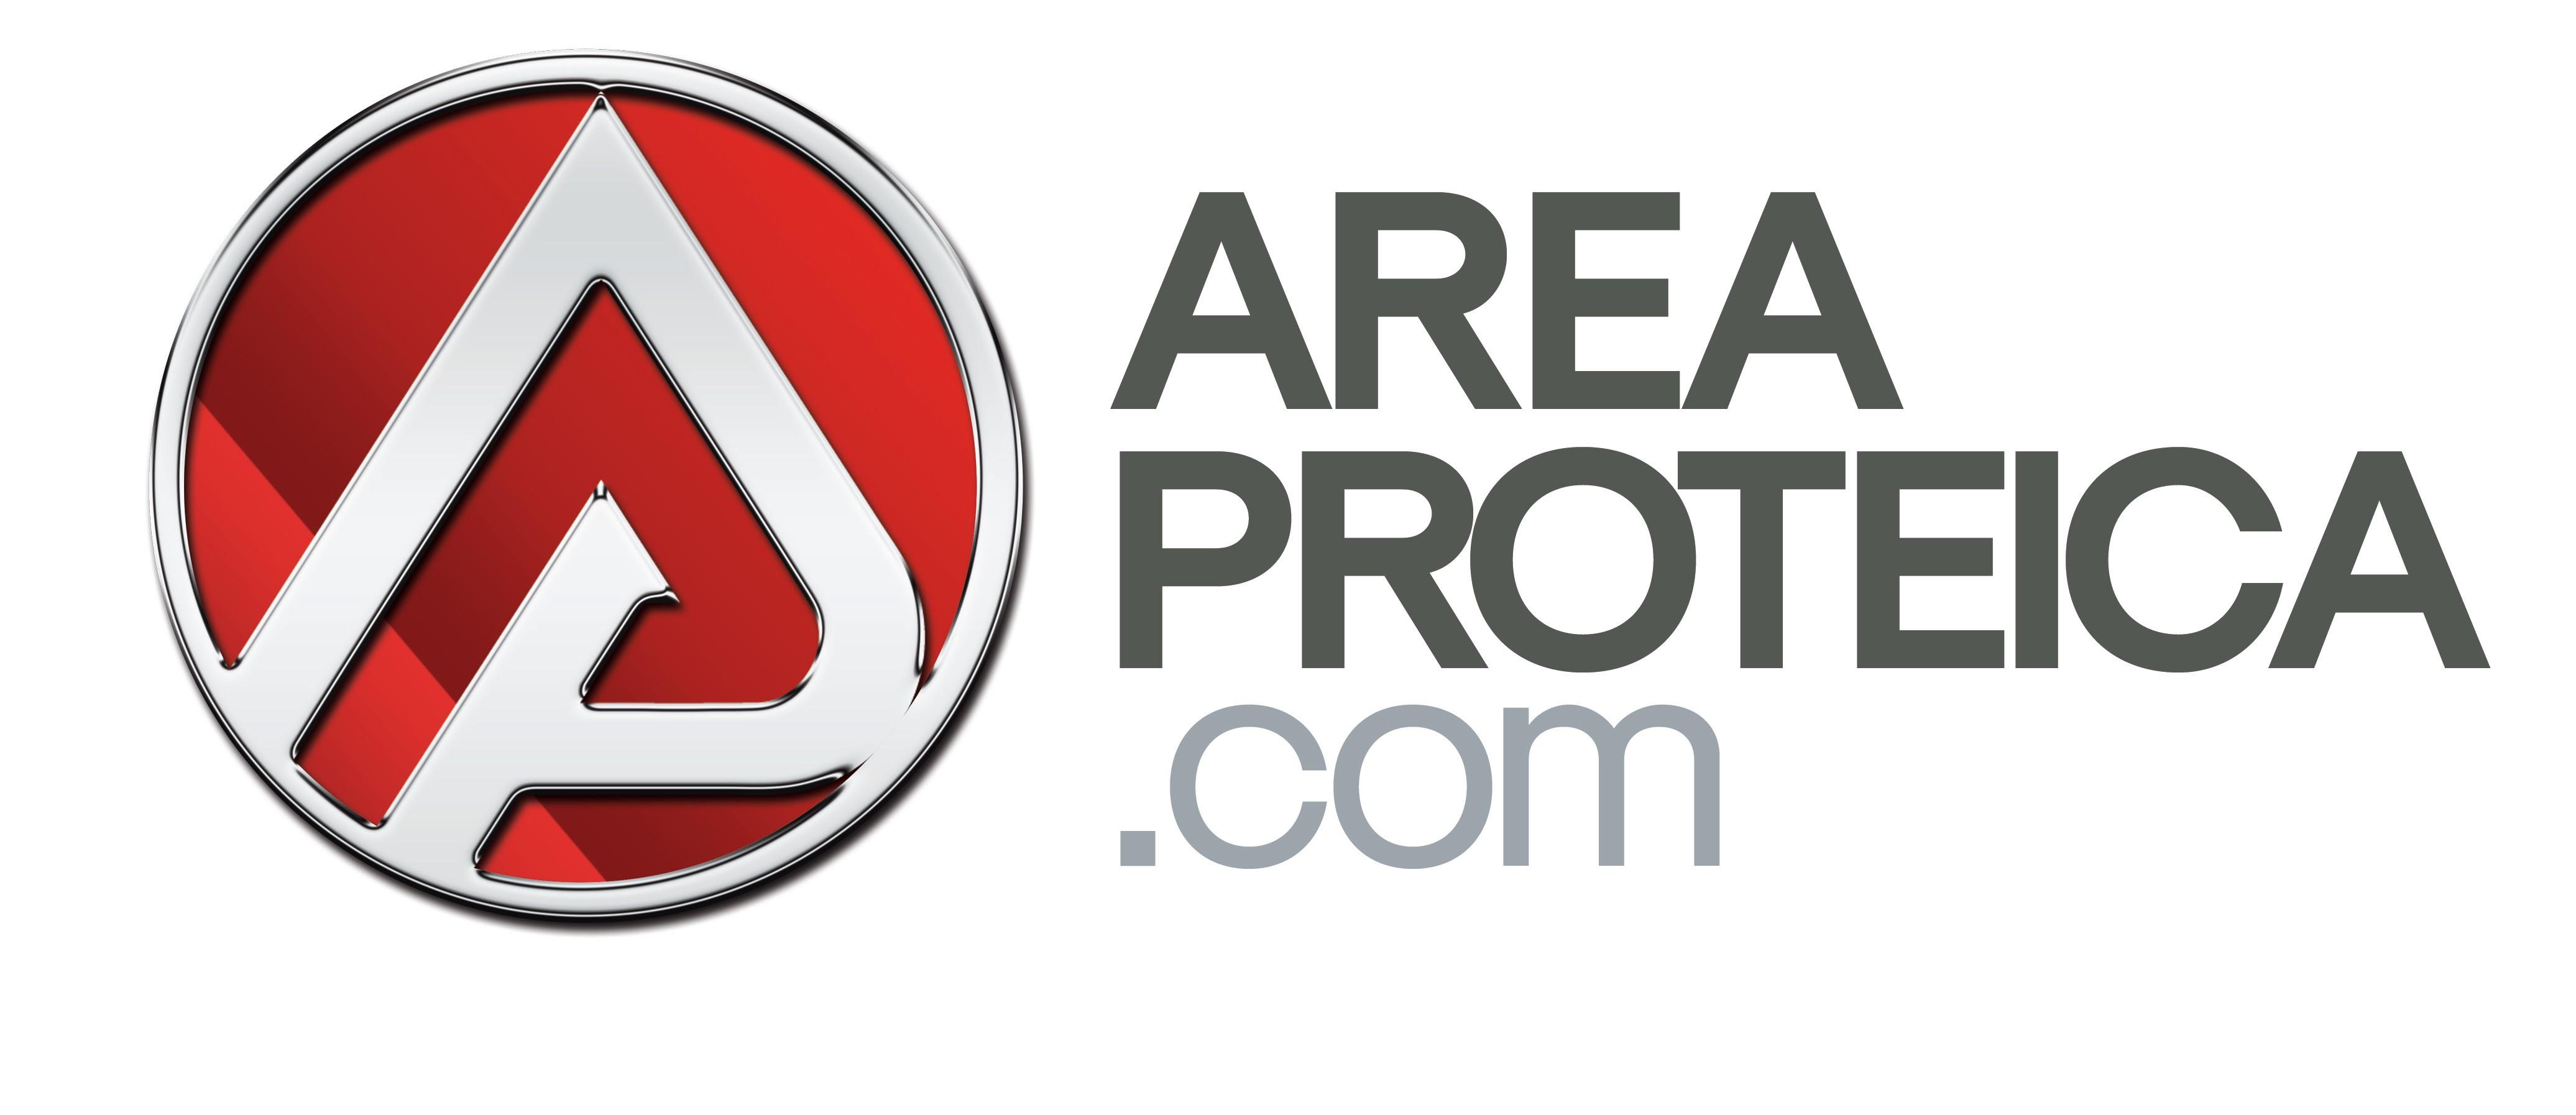 AreaProteica.com